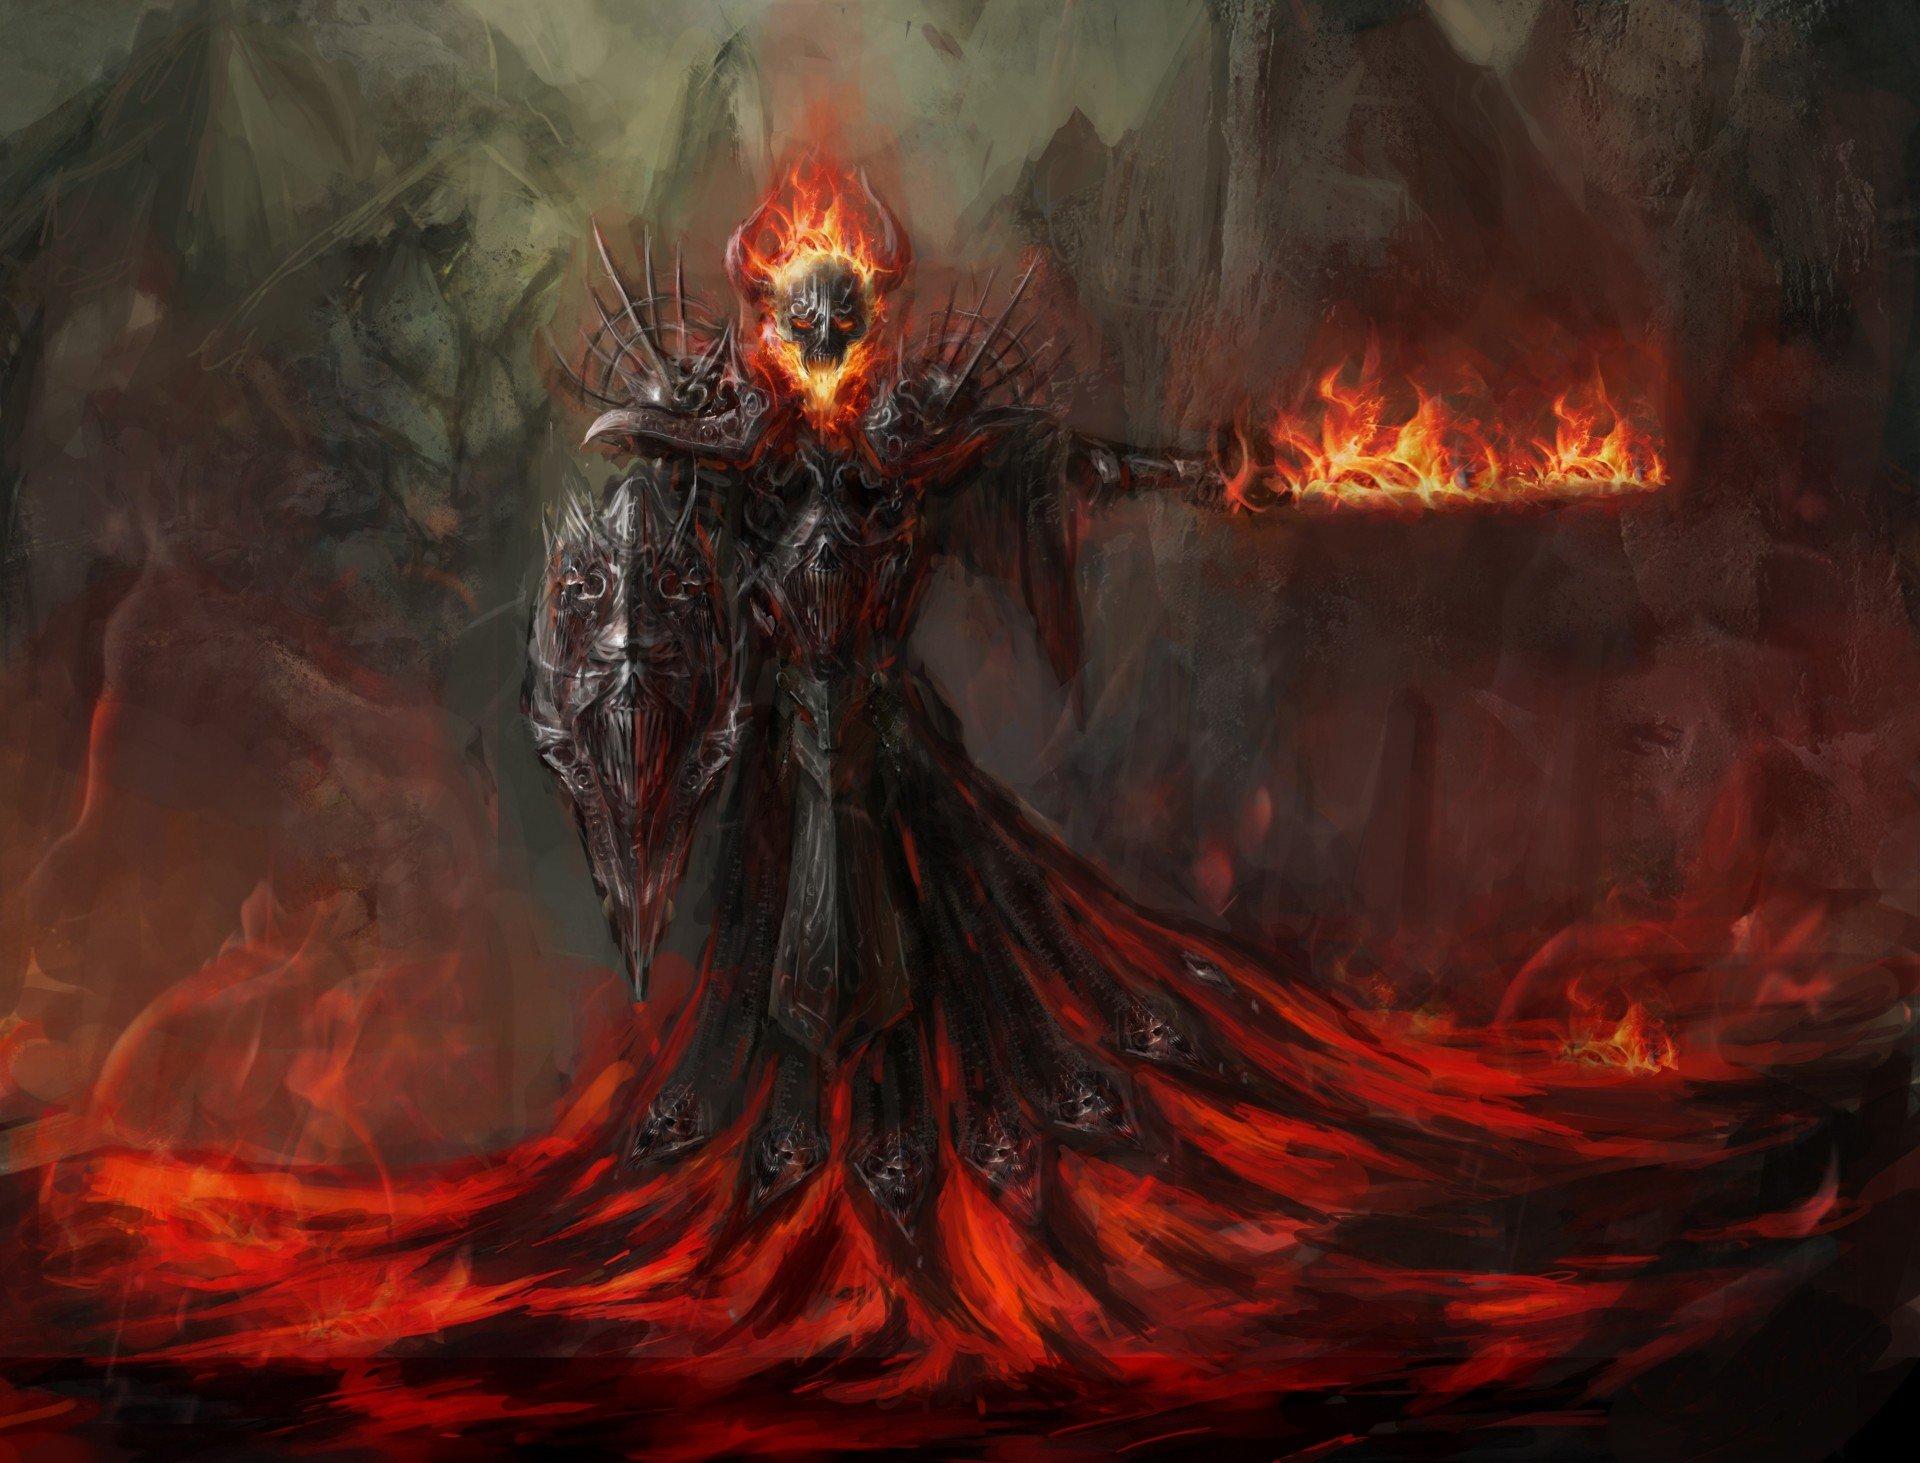 картинки воин тьмы огонь полина сделает